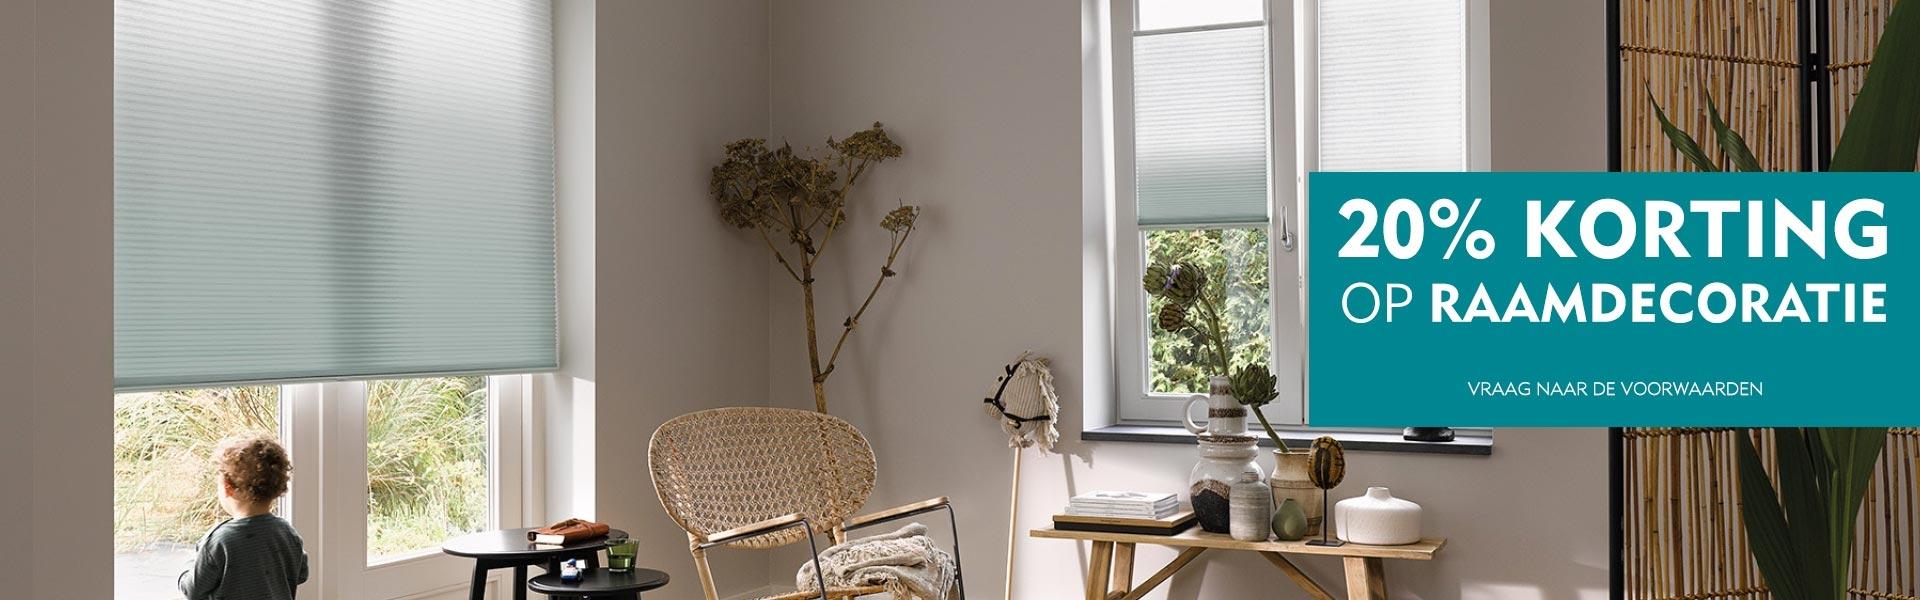 20% korting op raamdecoratie